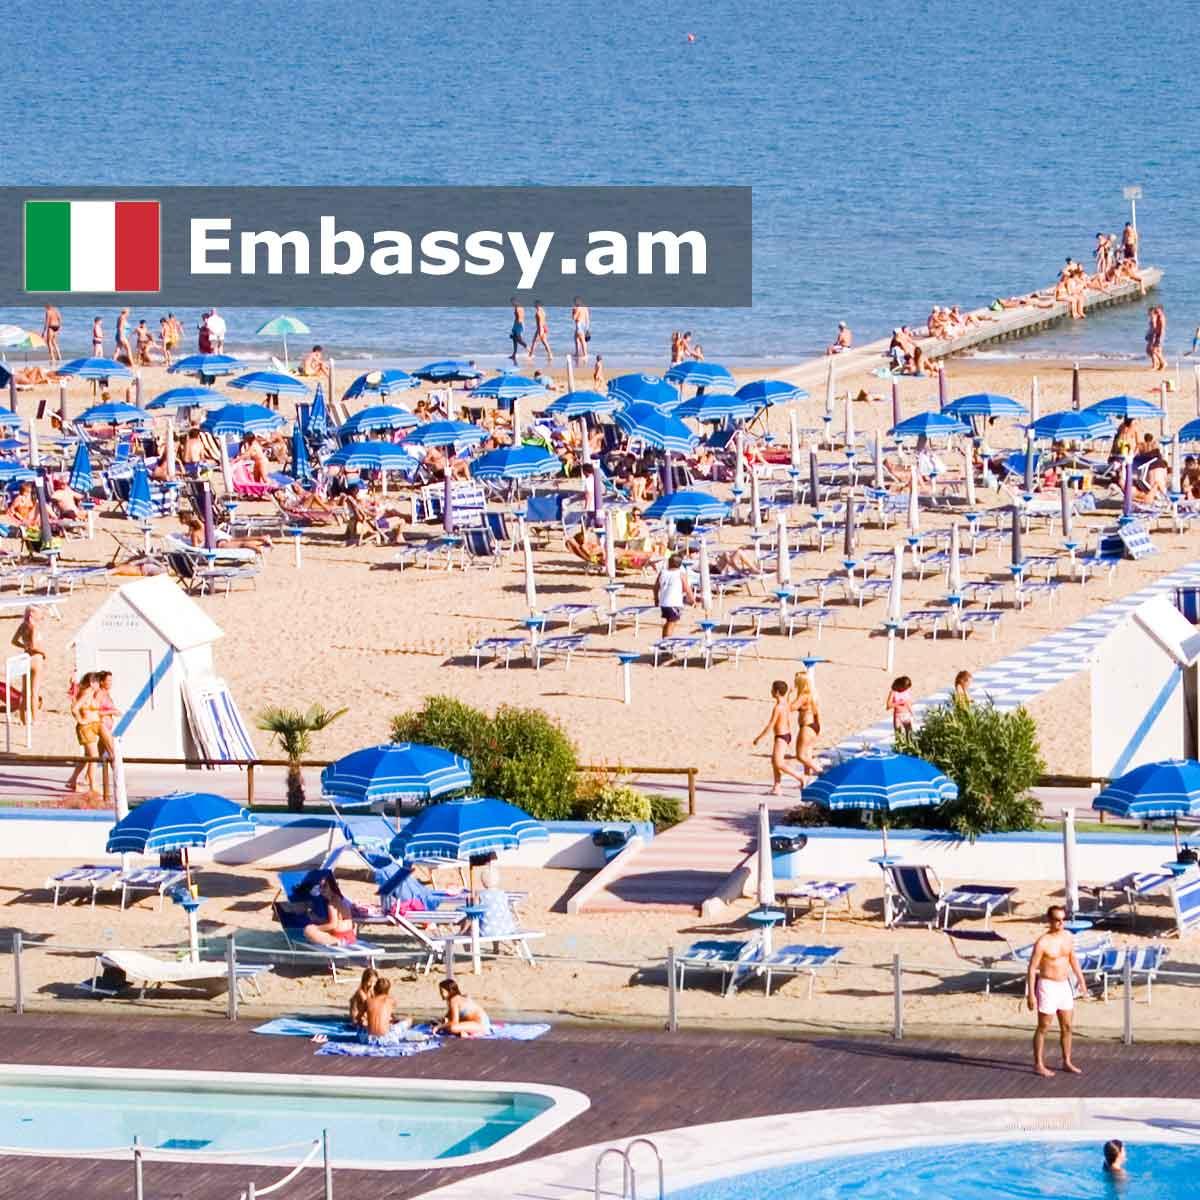 Лидо ди Езоло - Отели в Италии - Embassy.am